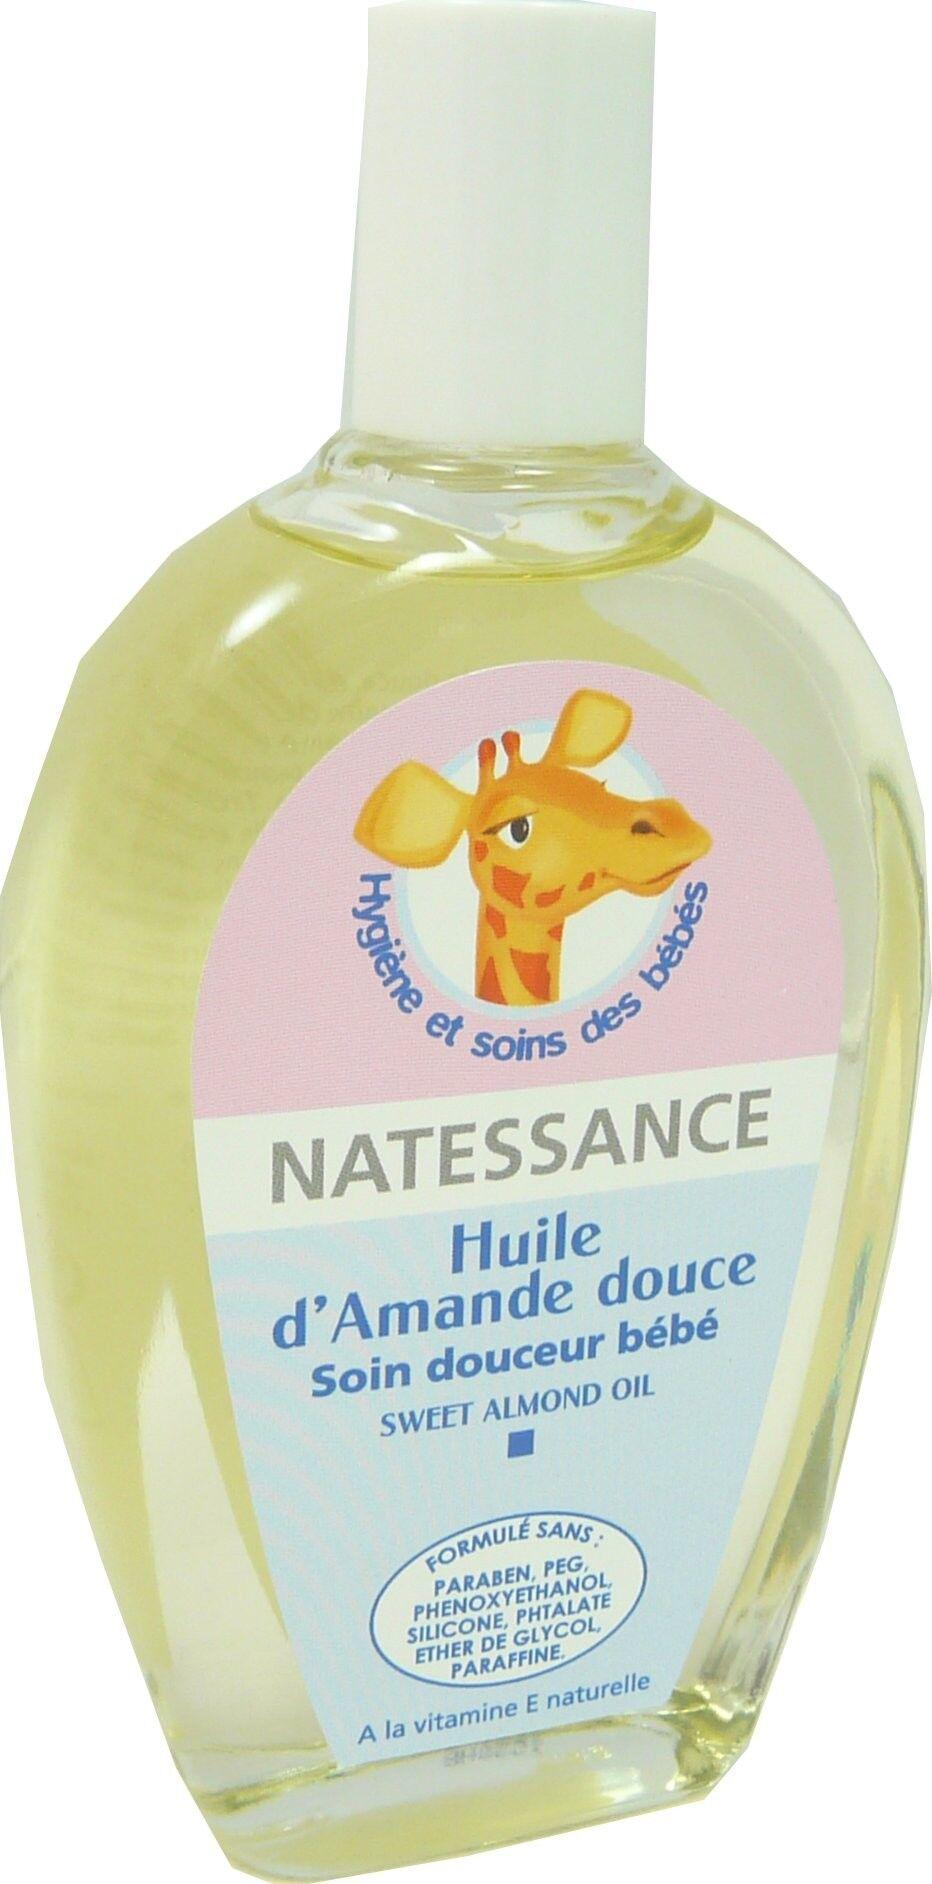 Natessance huile d'amande douce 100ml